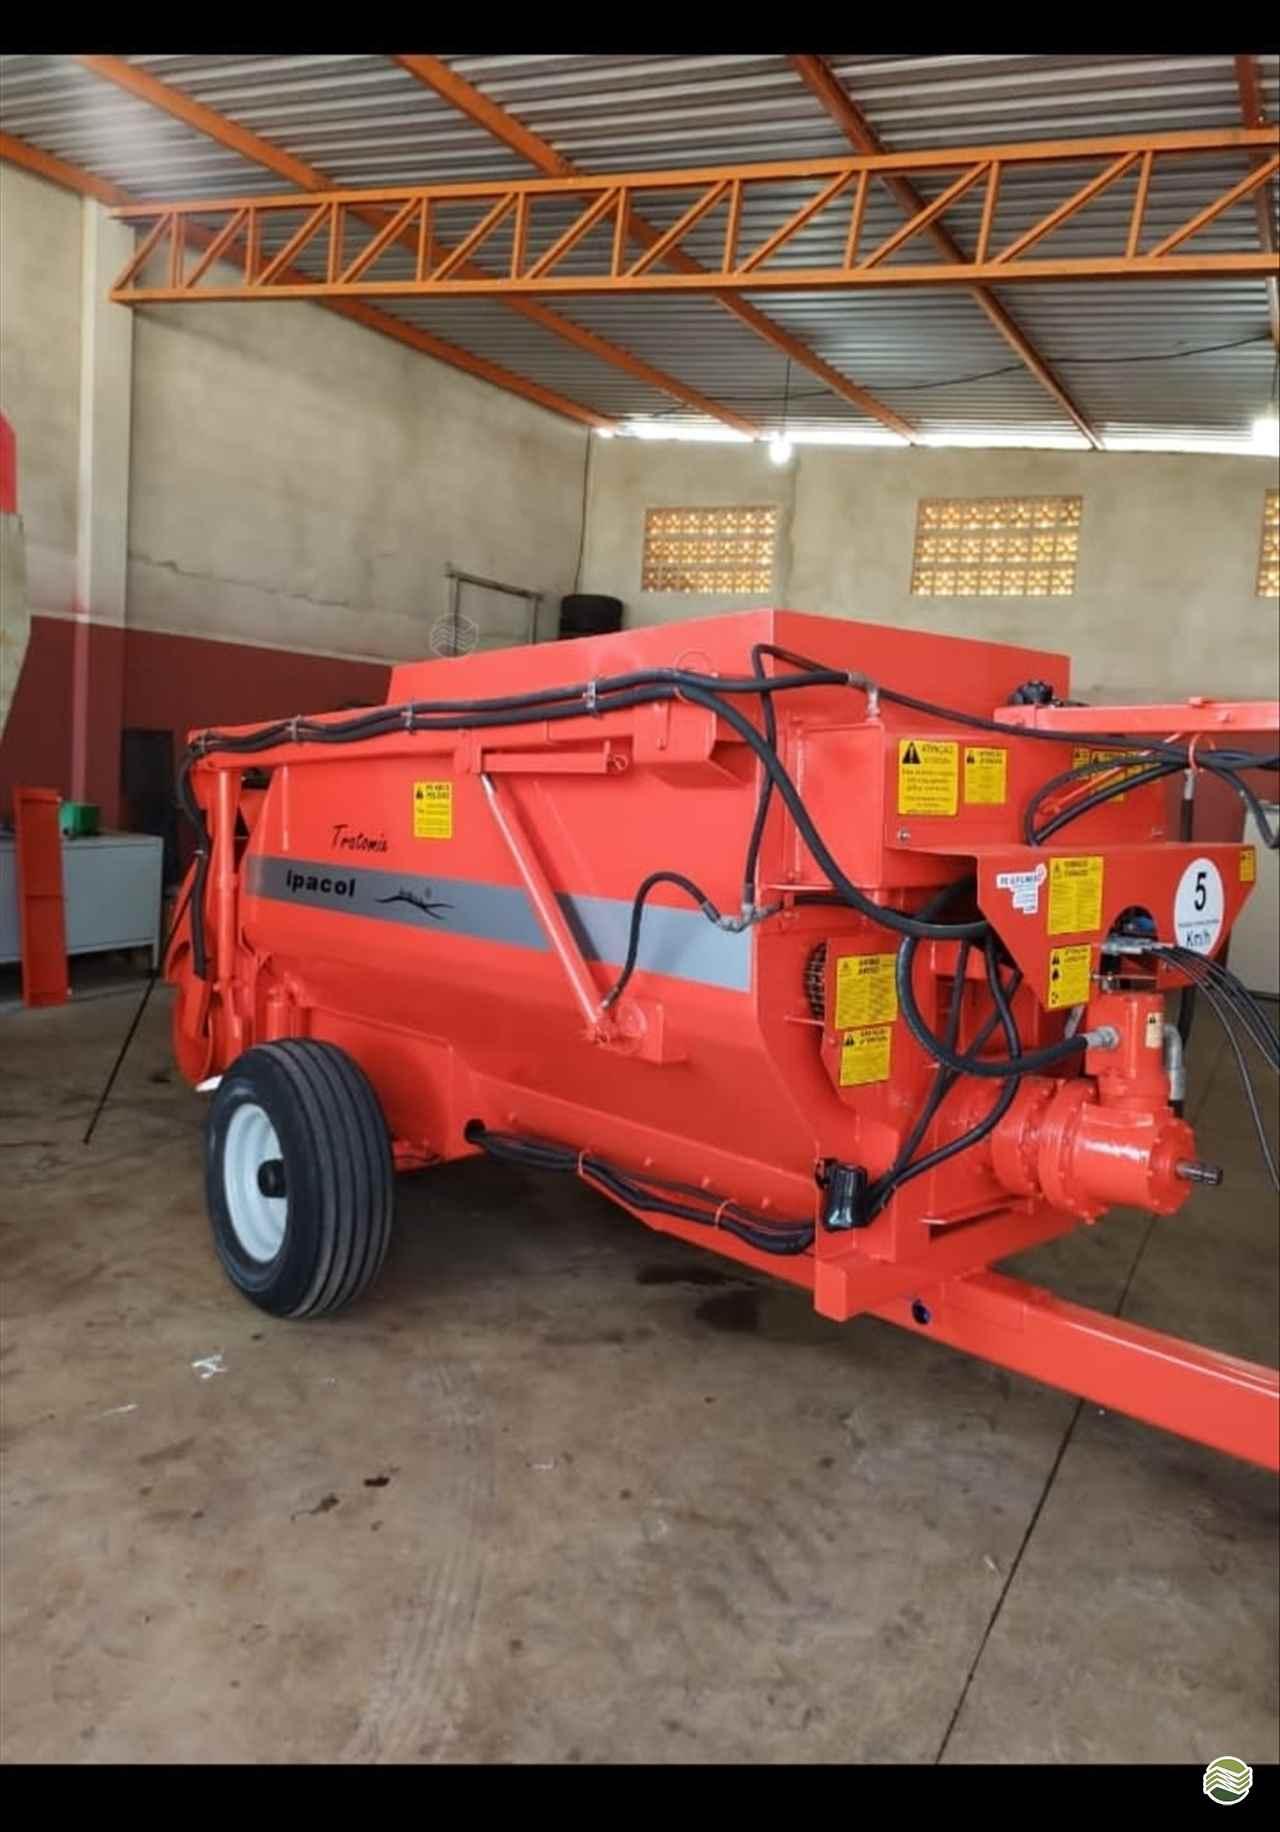 IMPLEMENTOS AGRICOLAS VAGAO FORRAGEIRO VAGÃO MISTURADOR AUTOCARREGÁVEL Gerominho Implementos Agrícolas UBERLANDIA MINAS GERAIS MG